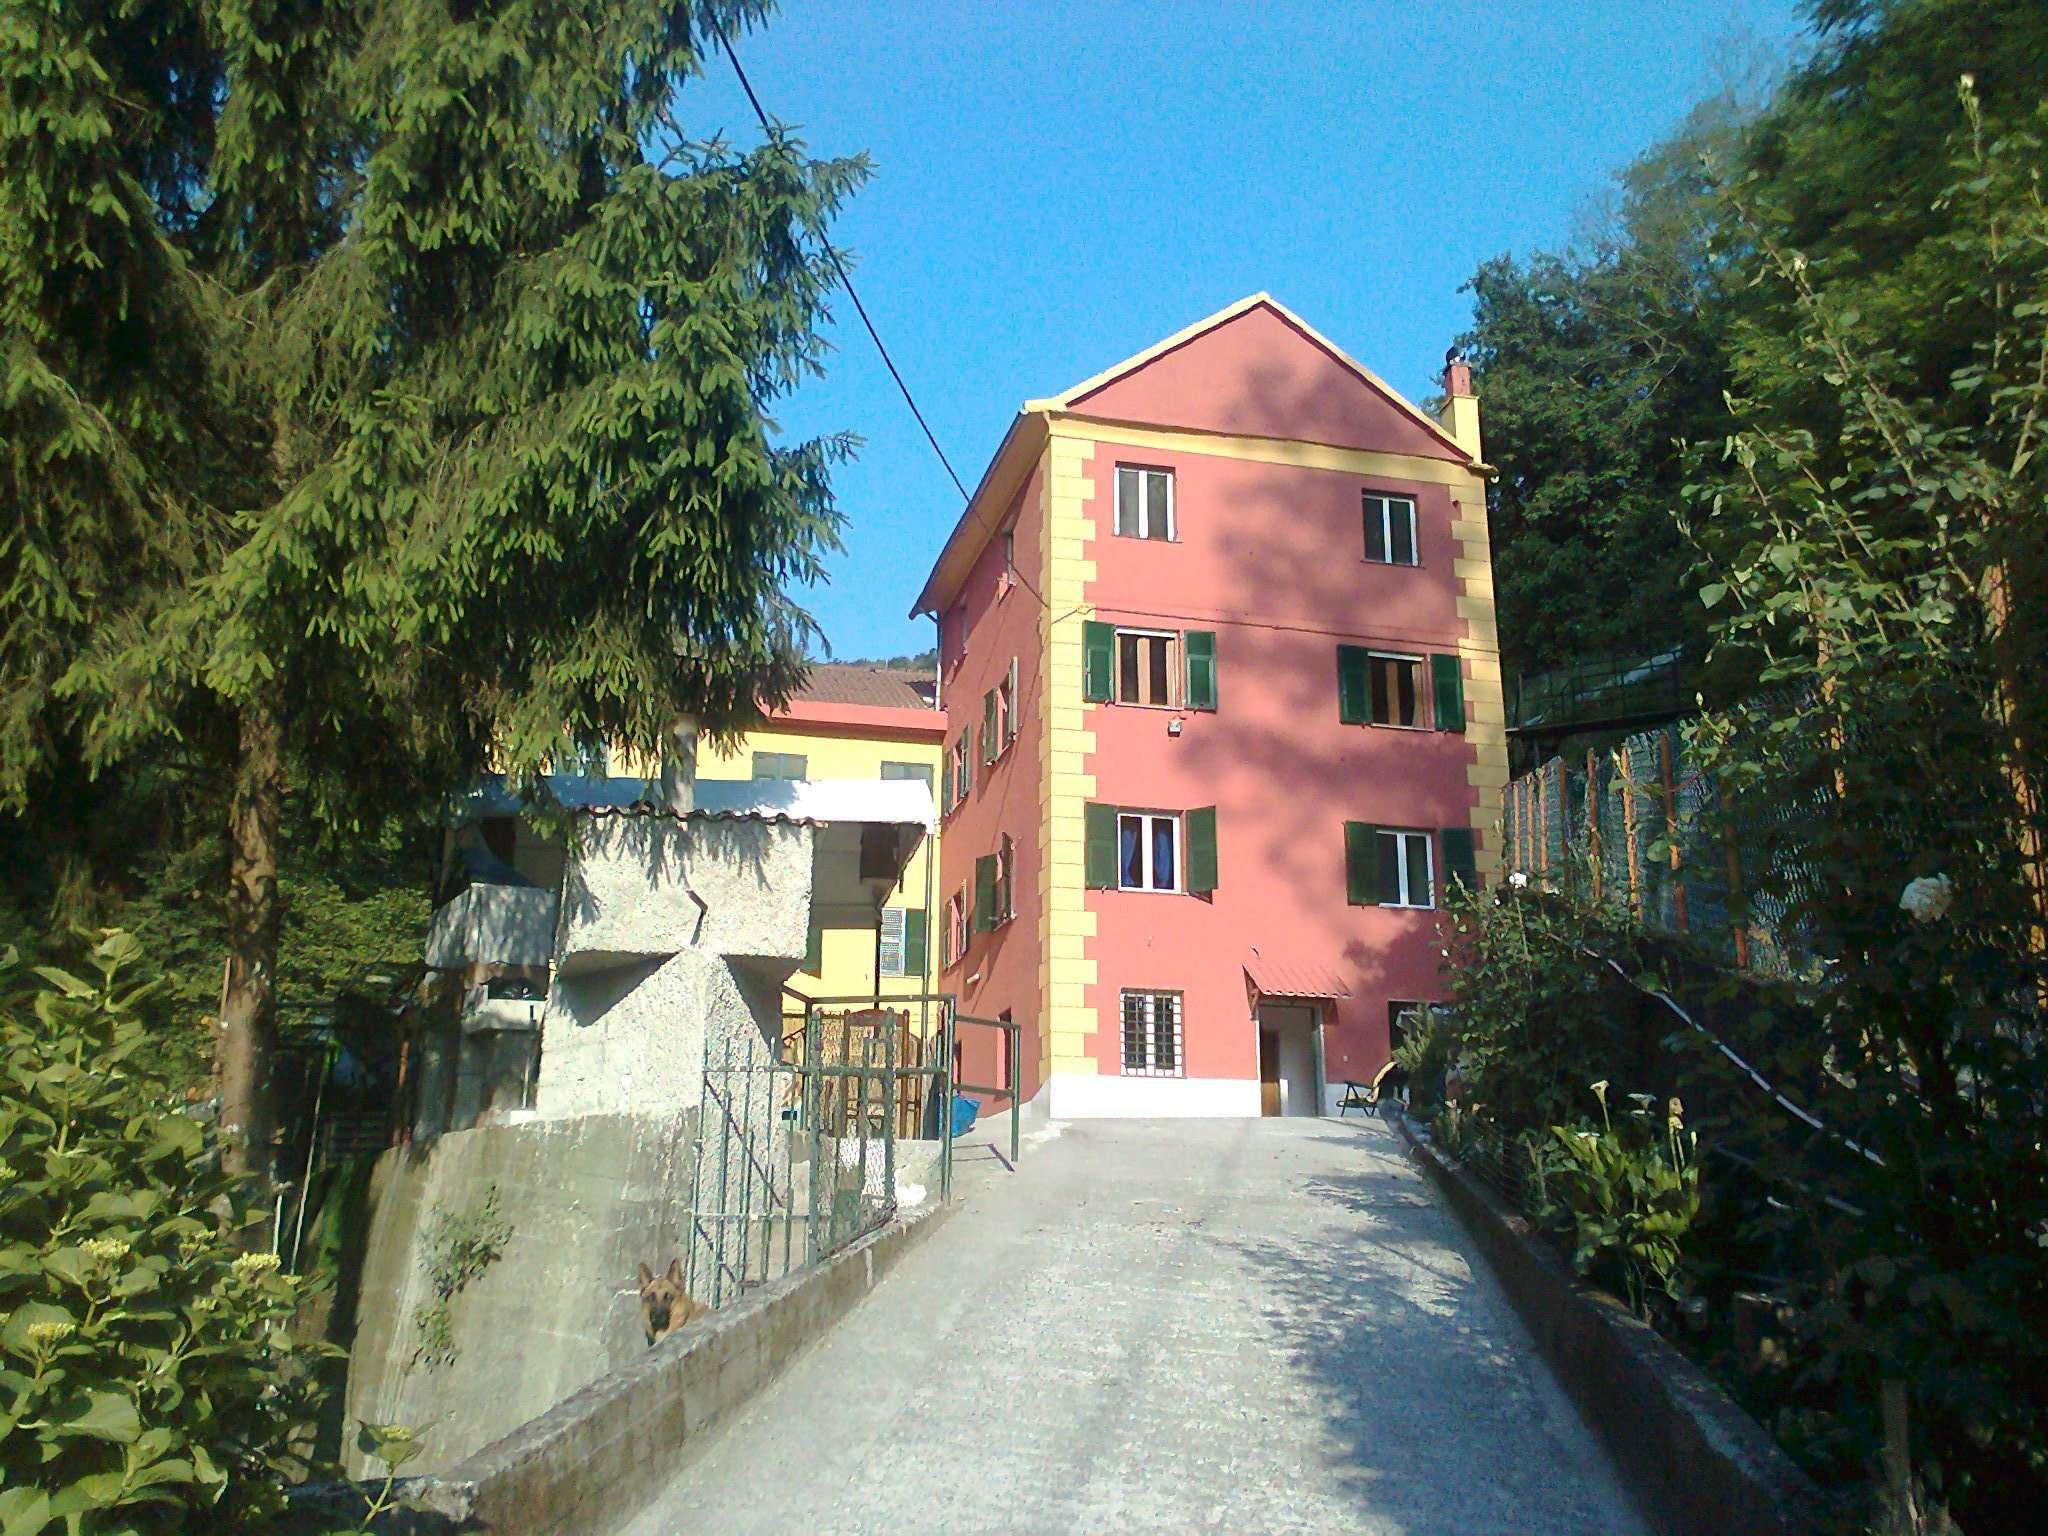 Appartamento in vendita a Ceranesi, 4 locali, prezzo € 42.000 | CambioCasa.it